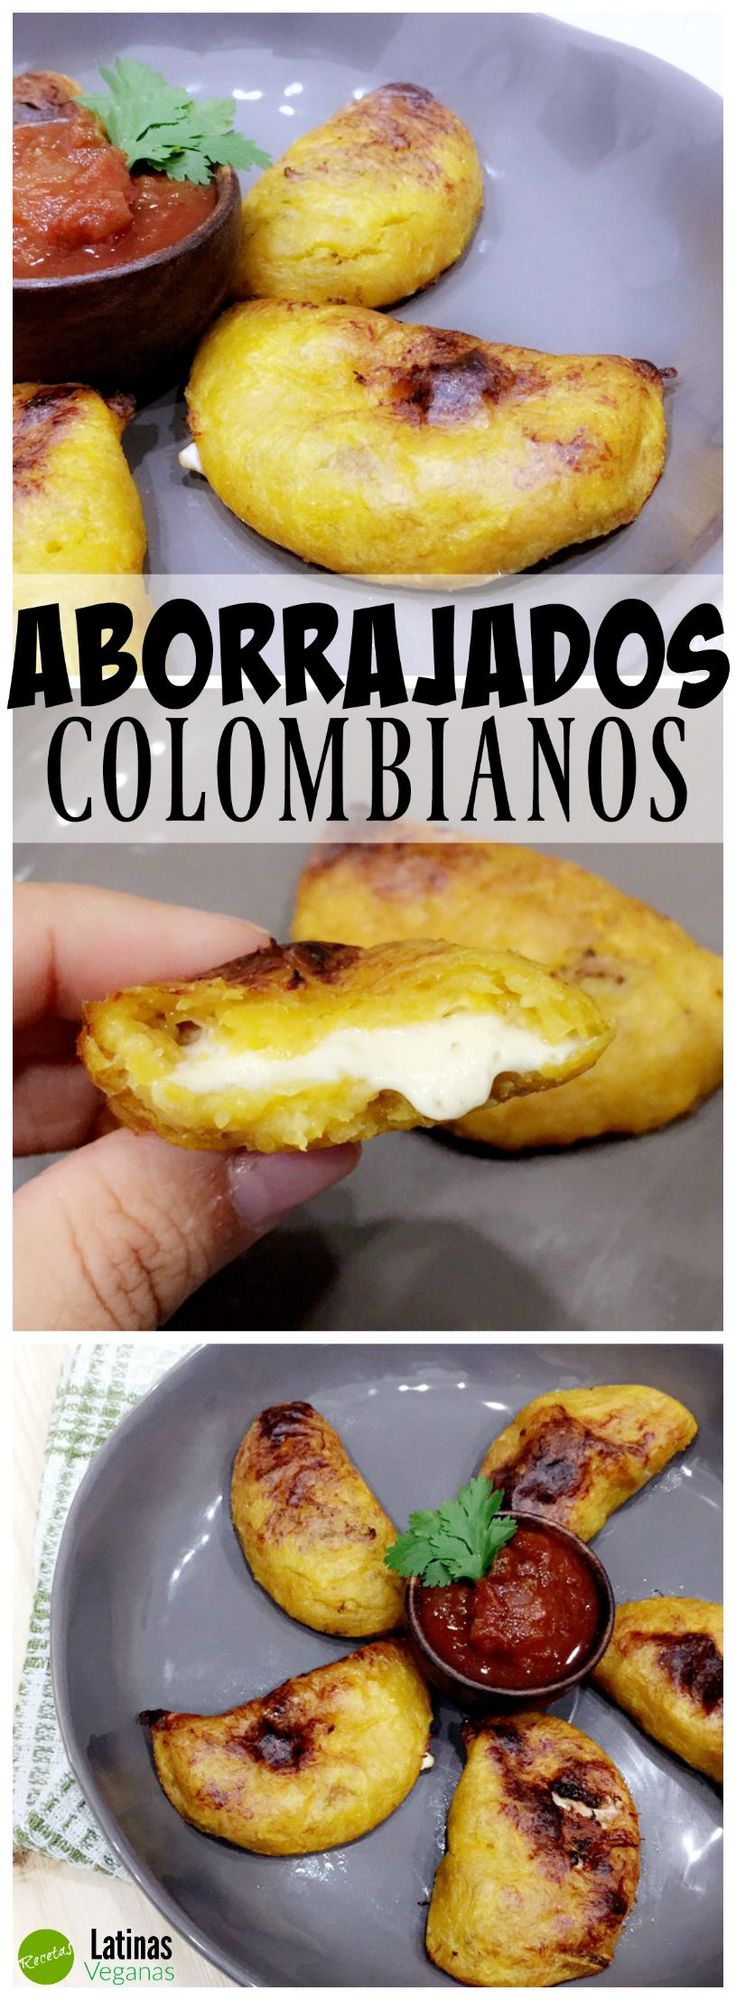 Aborrajados Colombianos